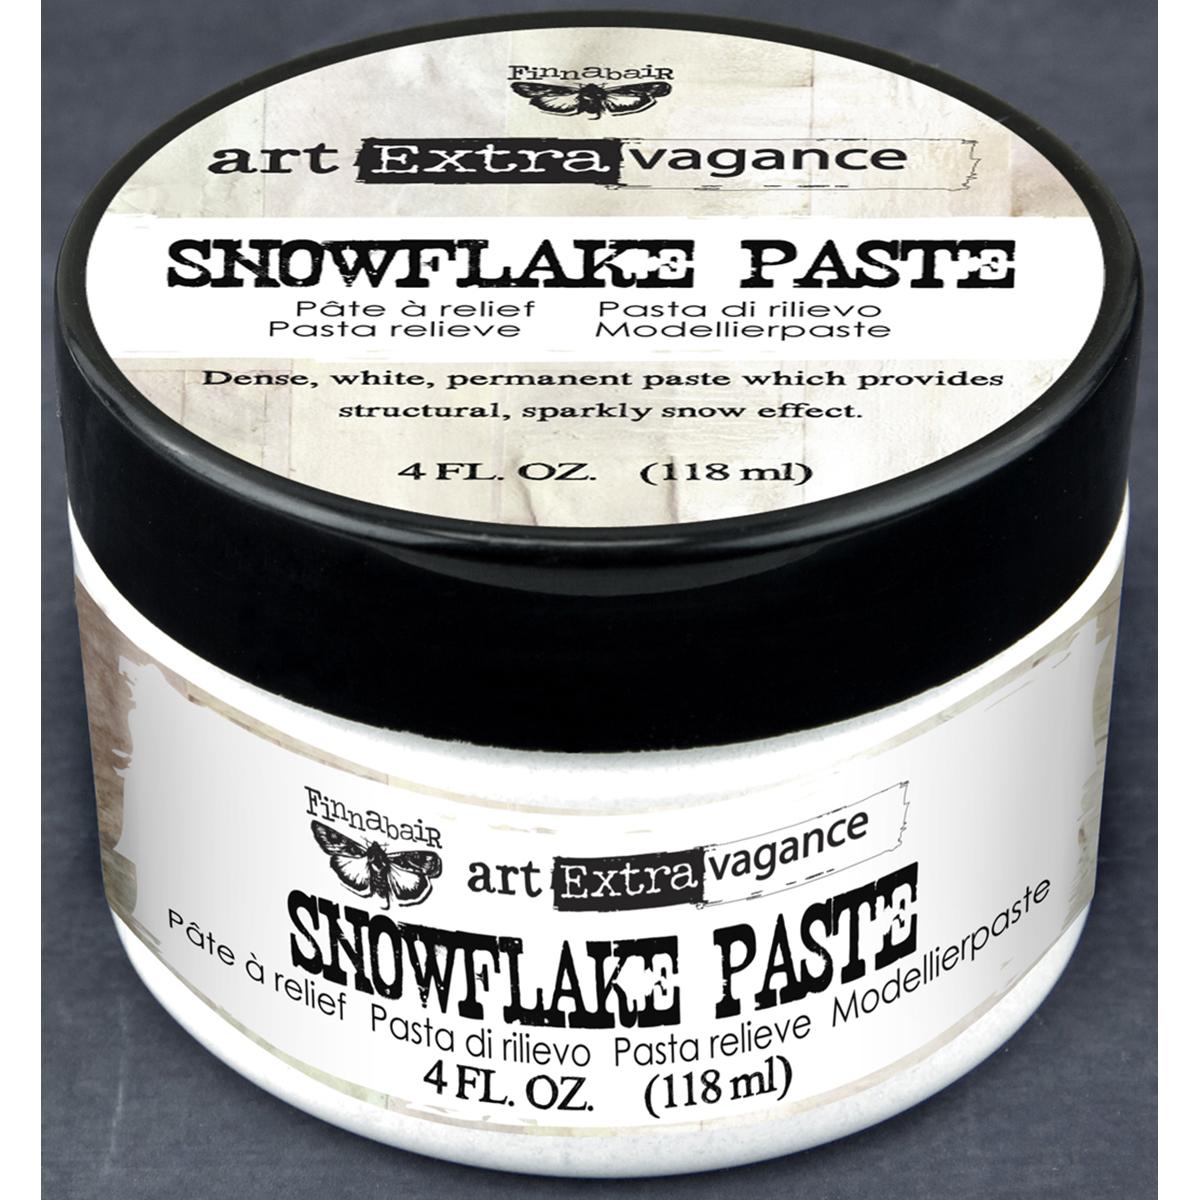 Snow Flake Paste